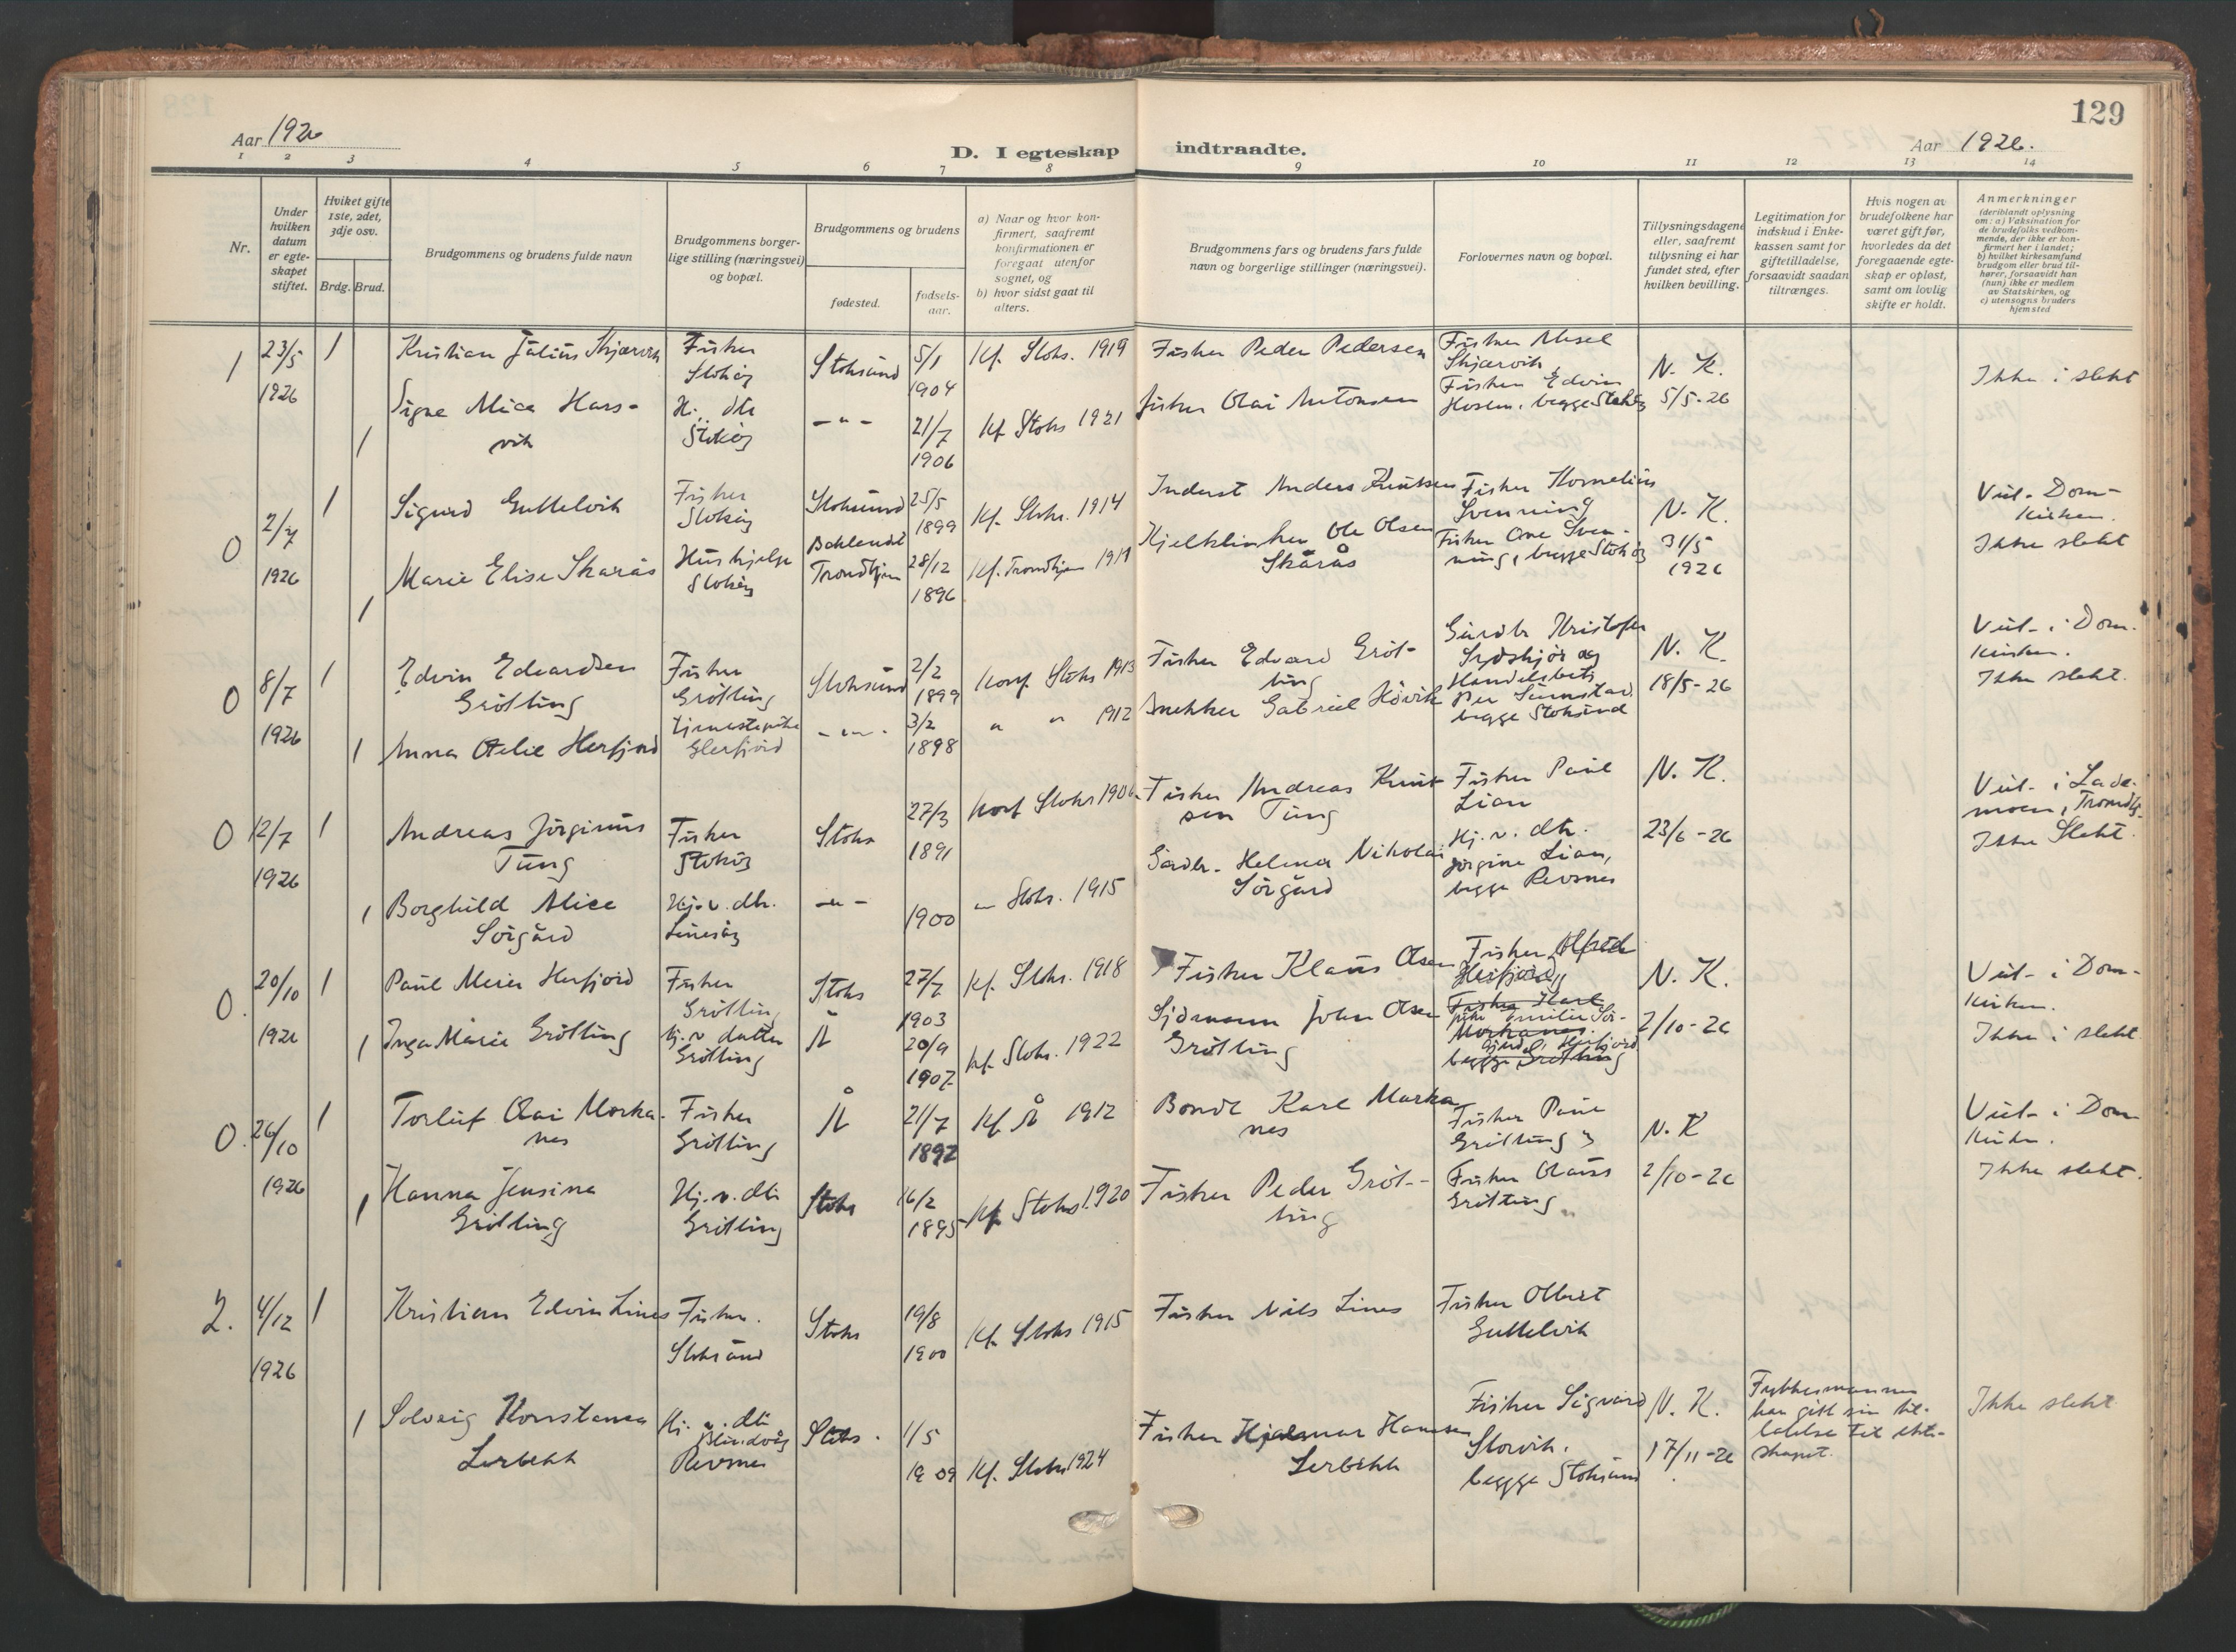 SAT, Ministerialprotokoller, klokkerbøker og fødselsregistre - Sør-Trøndelag, 656/L0694: Ministerialbok nr. 656A03, 1914-1931, s. 129